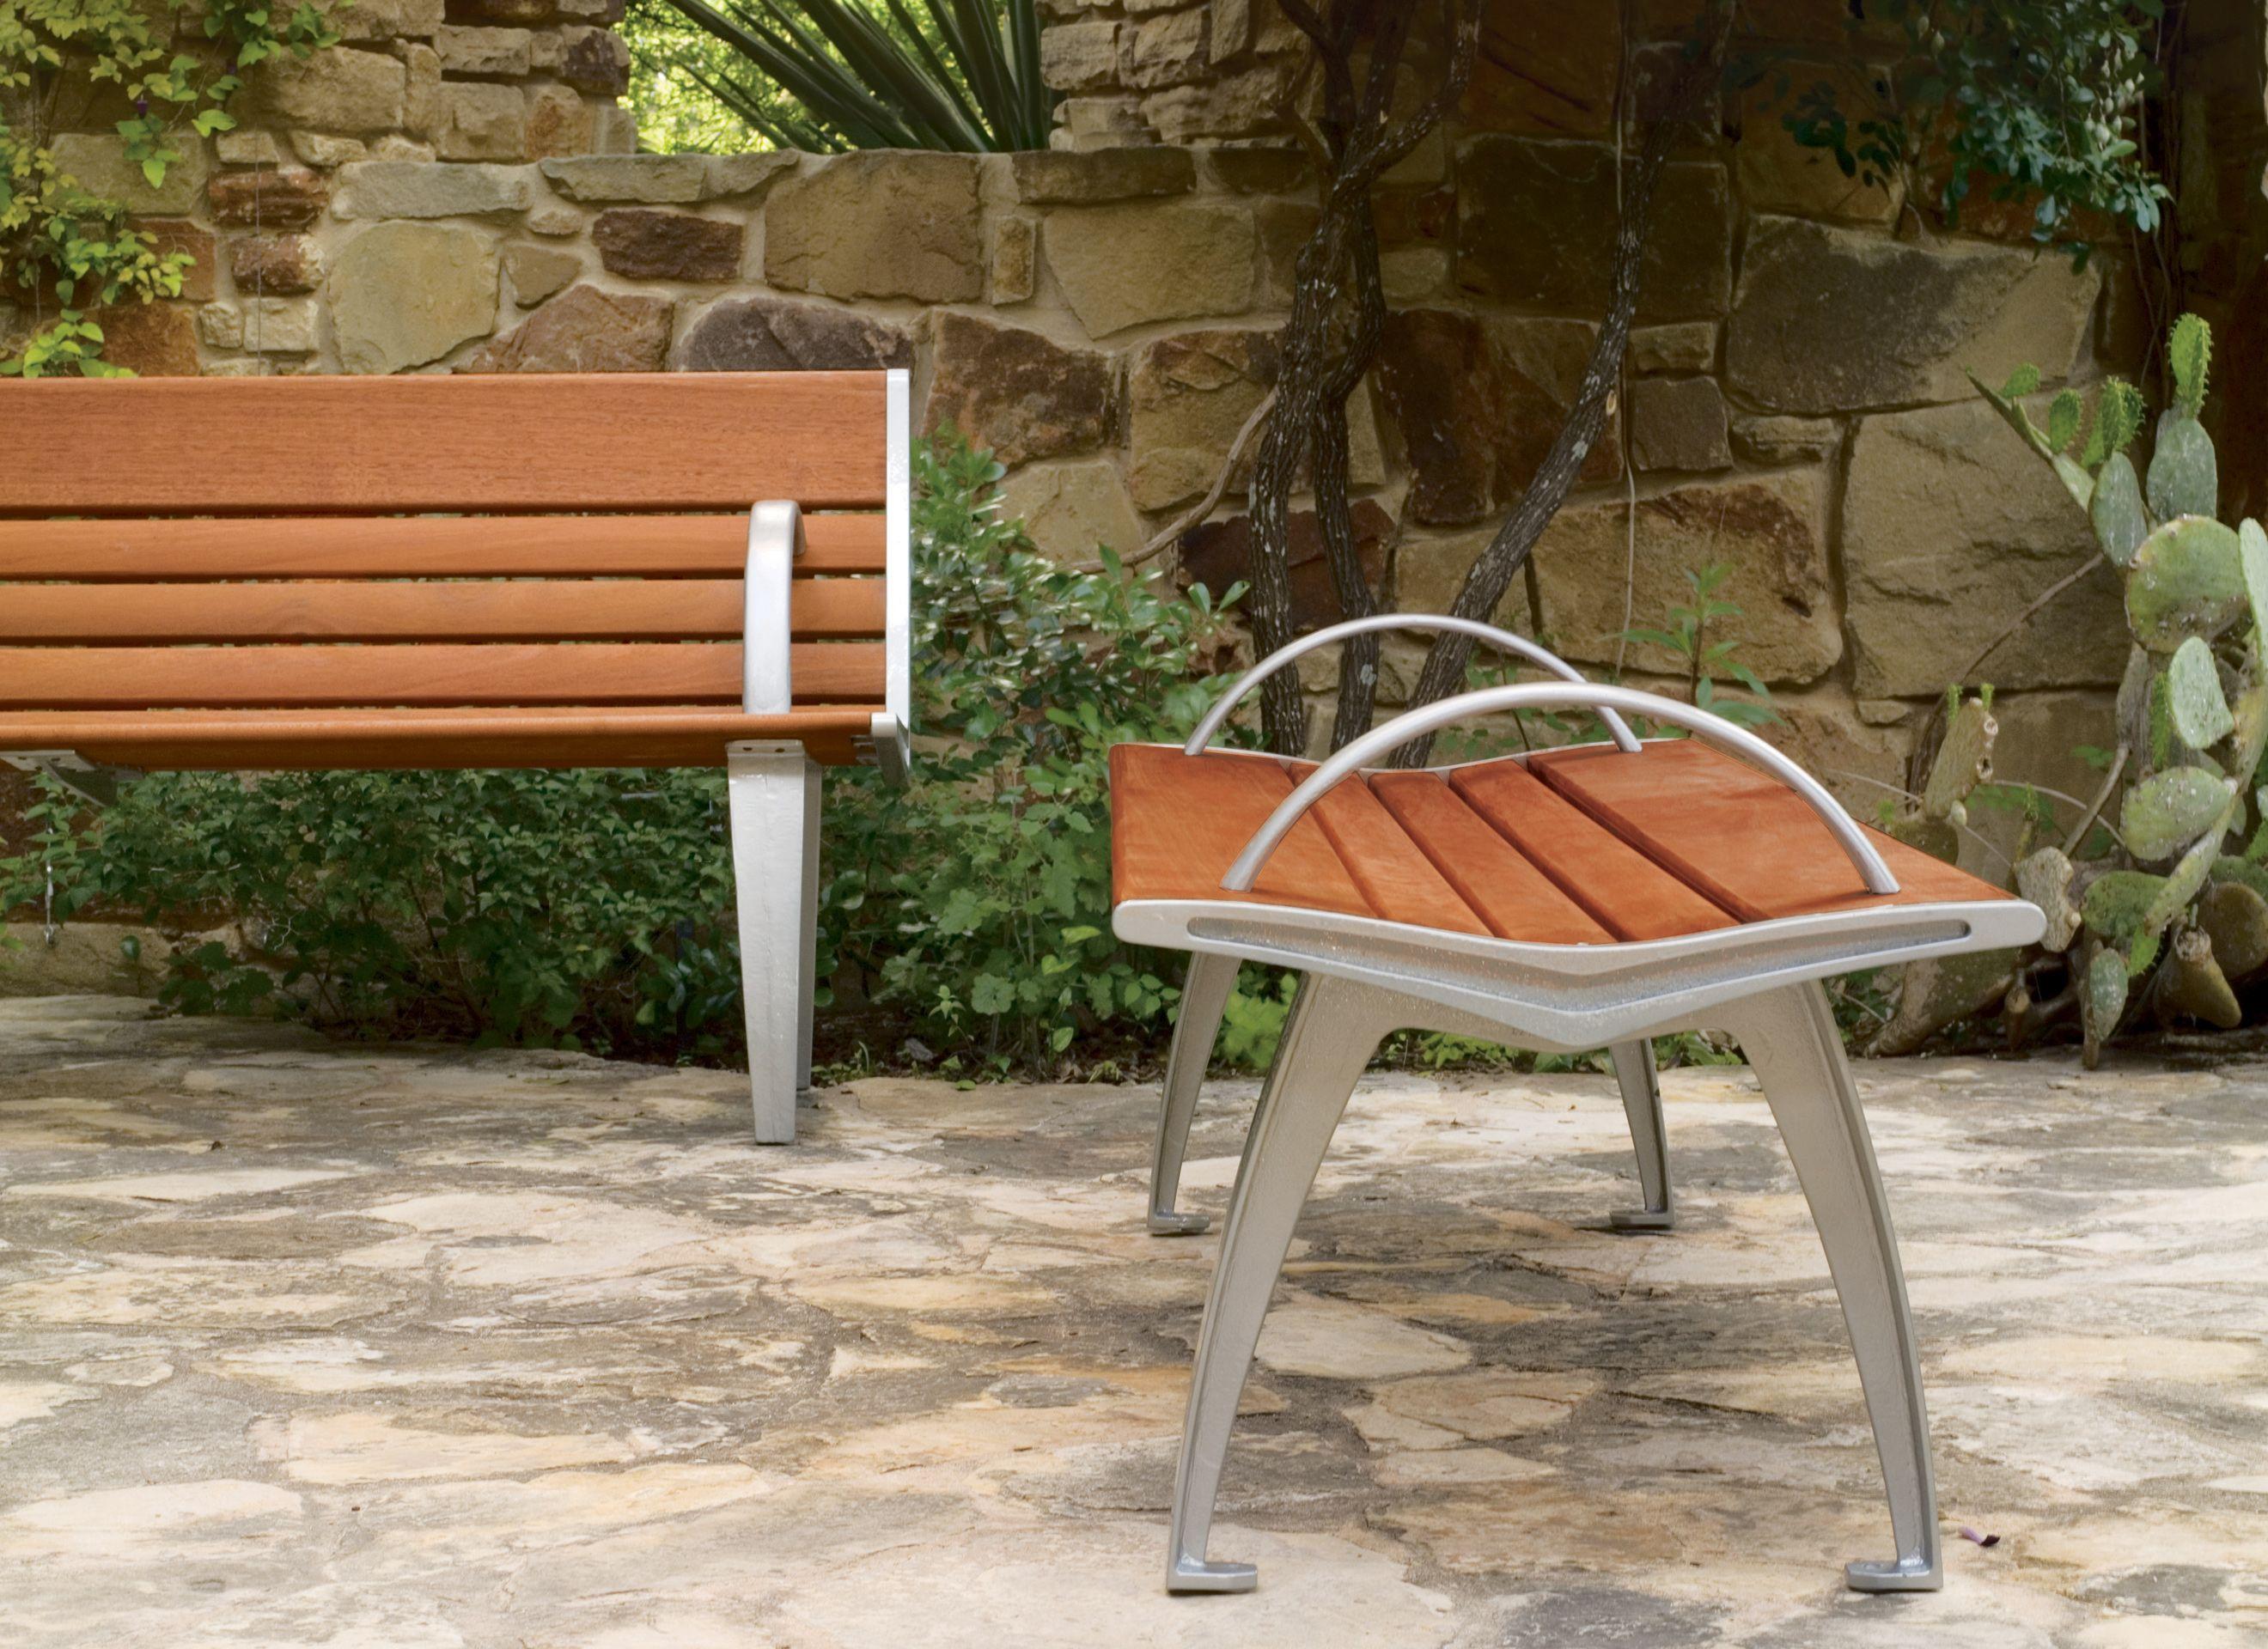 Austin Bench #landscapeforms #outdoorfurniture #sitefurniture #architect  #bench